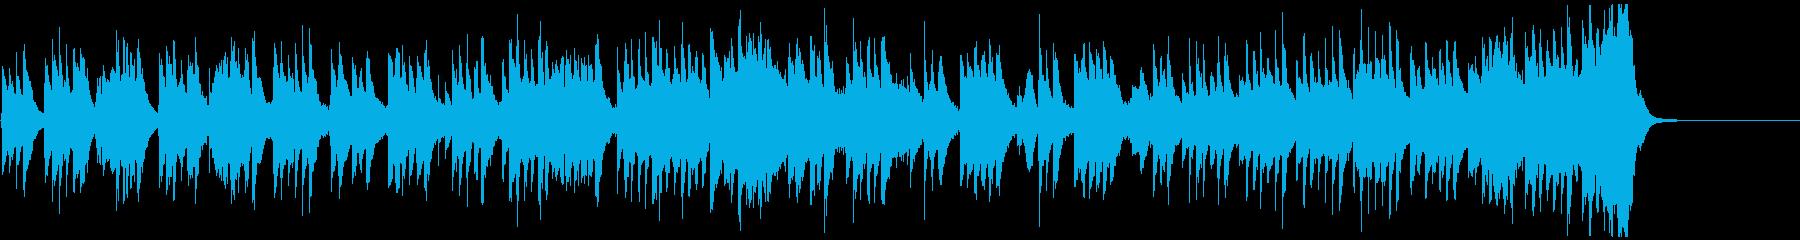 琴の音色がゆったりと和む、壮大な和風曲の再生済みの波形